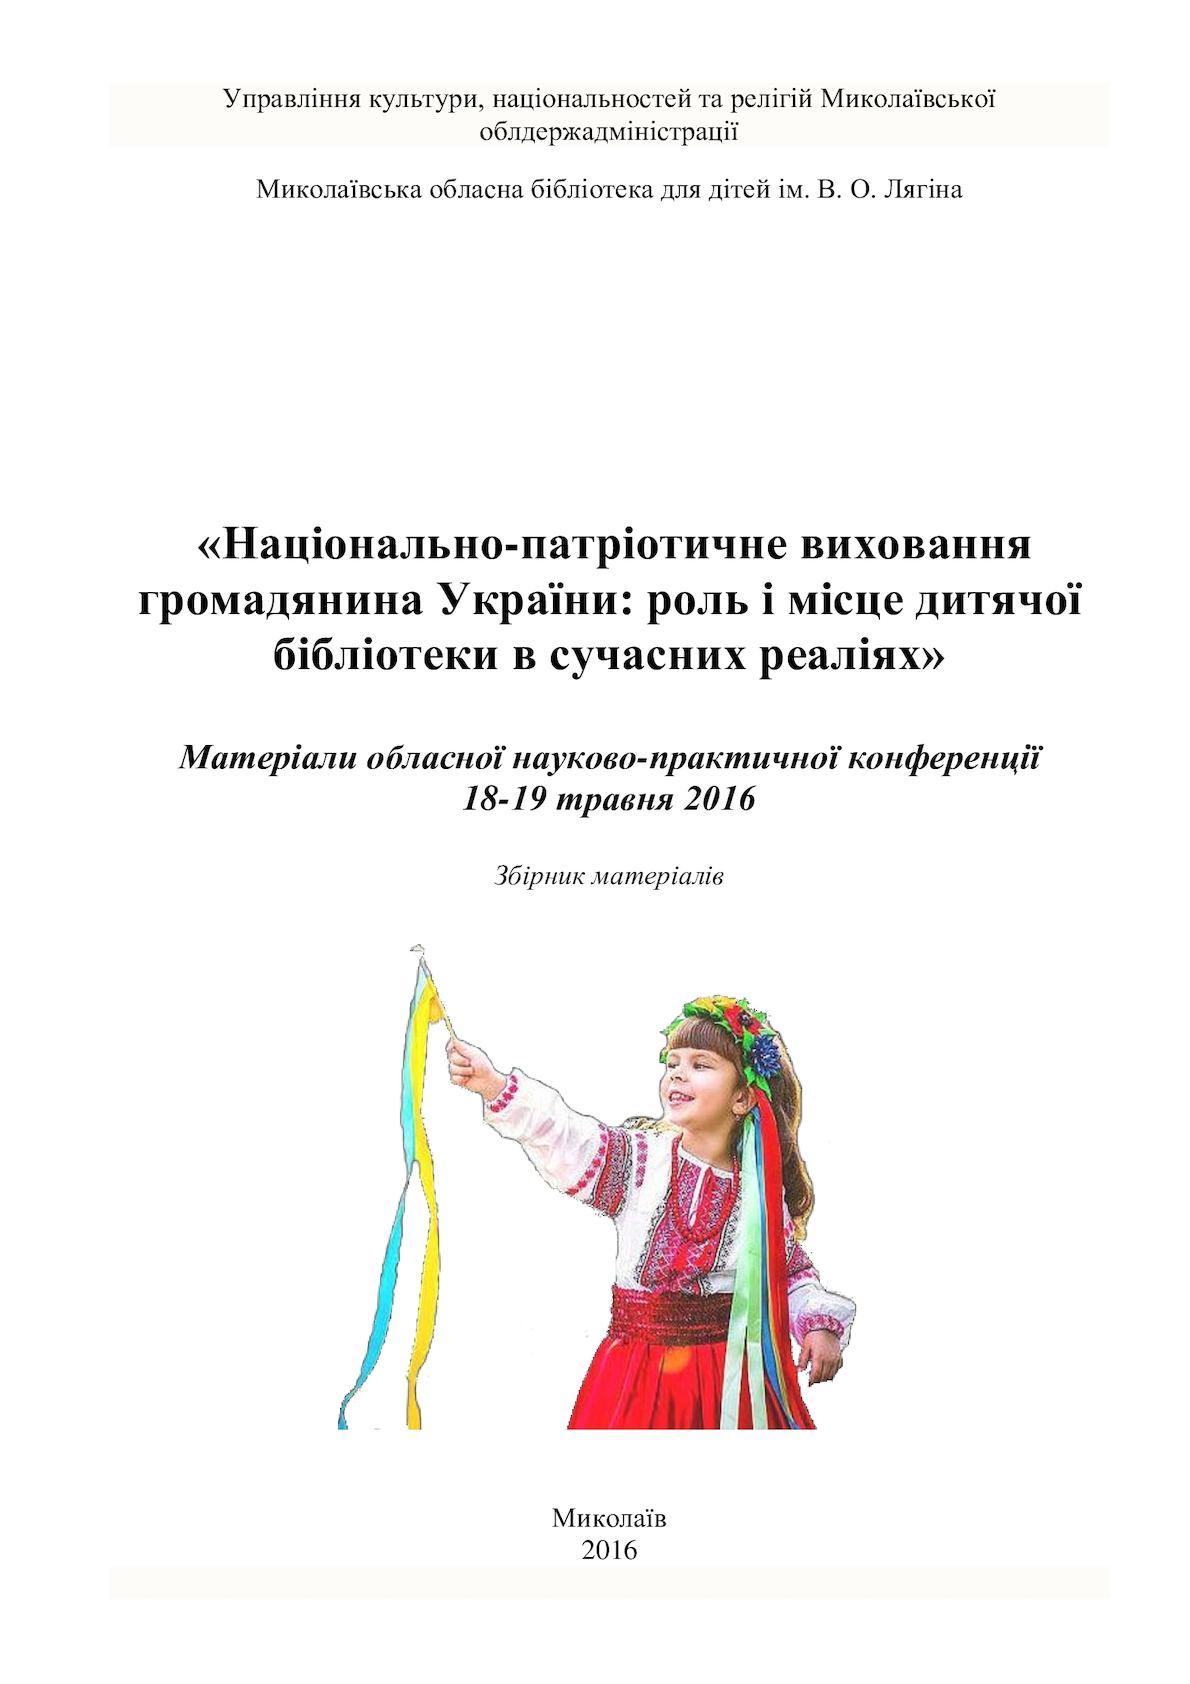 Calaméo - Національно-патріотичне виховання громадянина України 419f39ca5da46